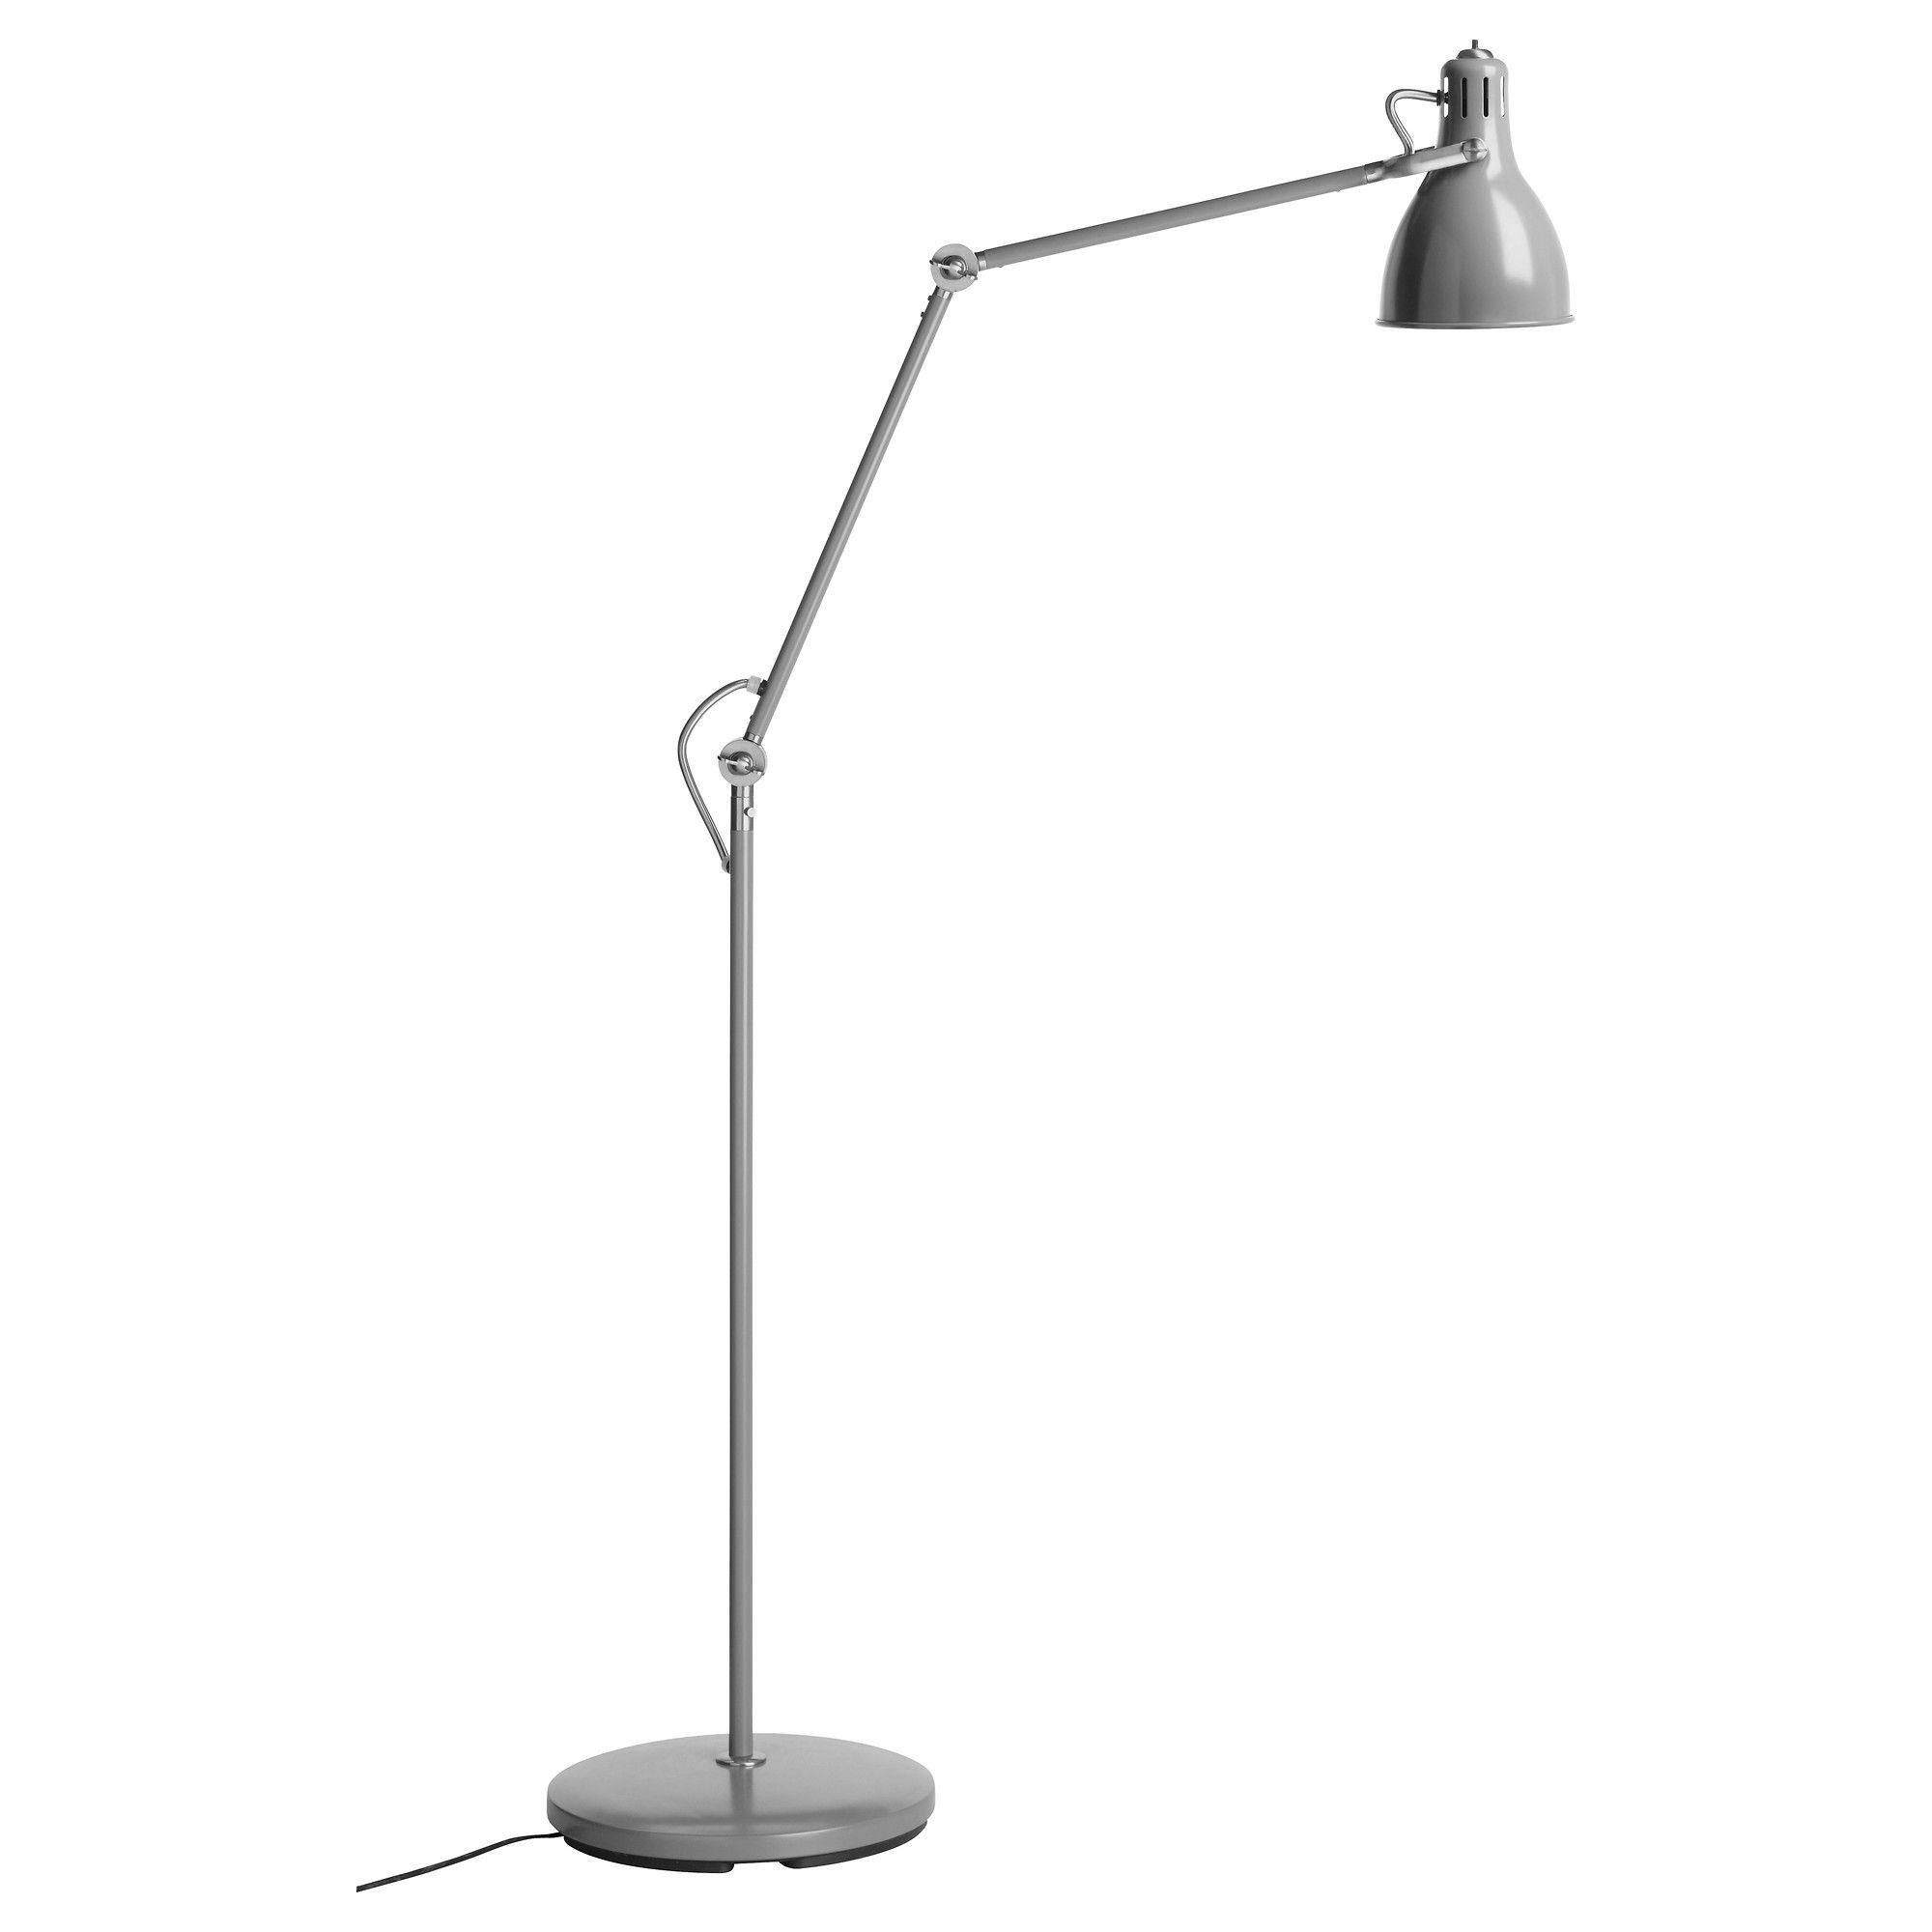 Full Size of Ikea Stehleuchte Dimmbar Stehlampe Papier Schirm Hektar Dimmen Stehlampen Stehlampenschirm Lampe Deckenfluter Lampenschirm Not Kaputt Ohne Stockholm Wohnzimmer Ikea Stehlampe